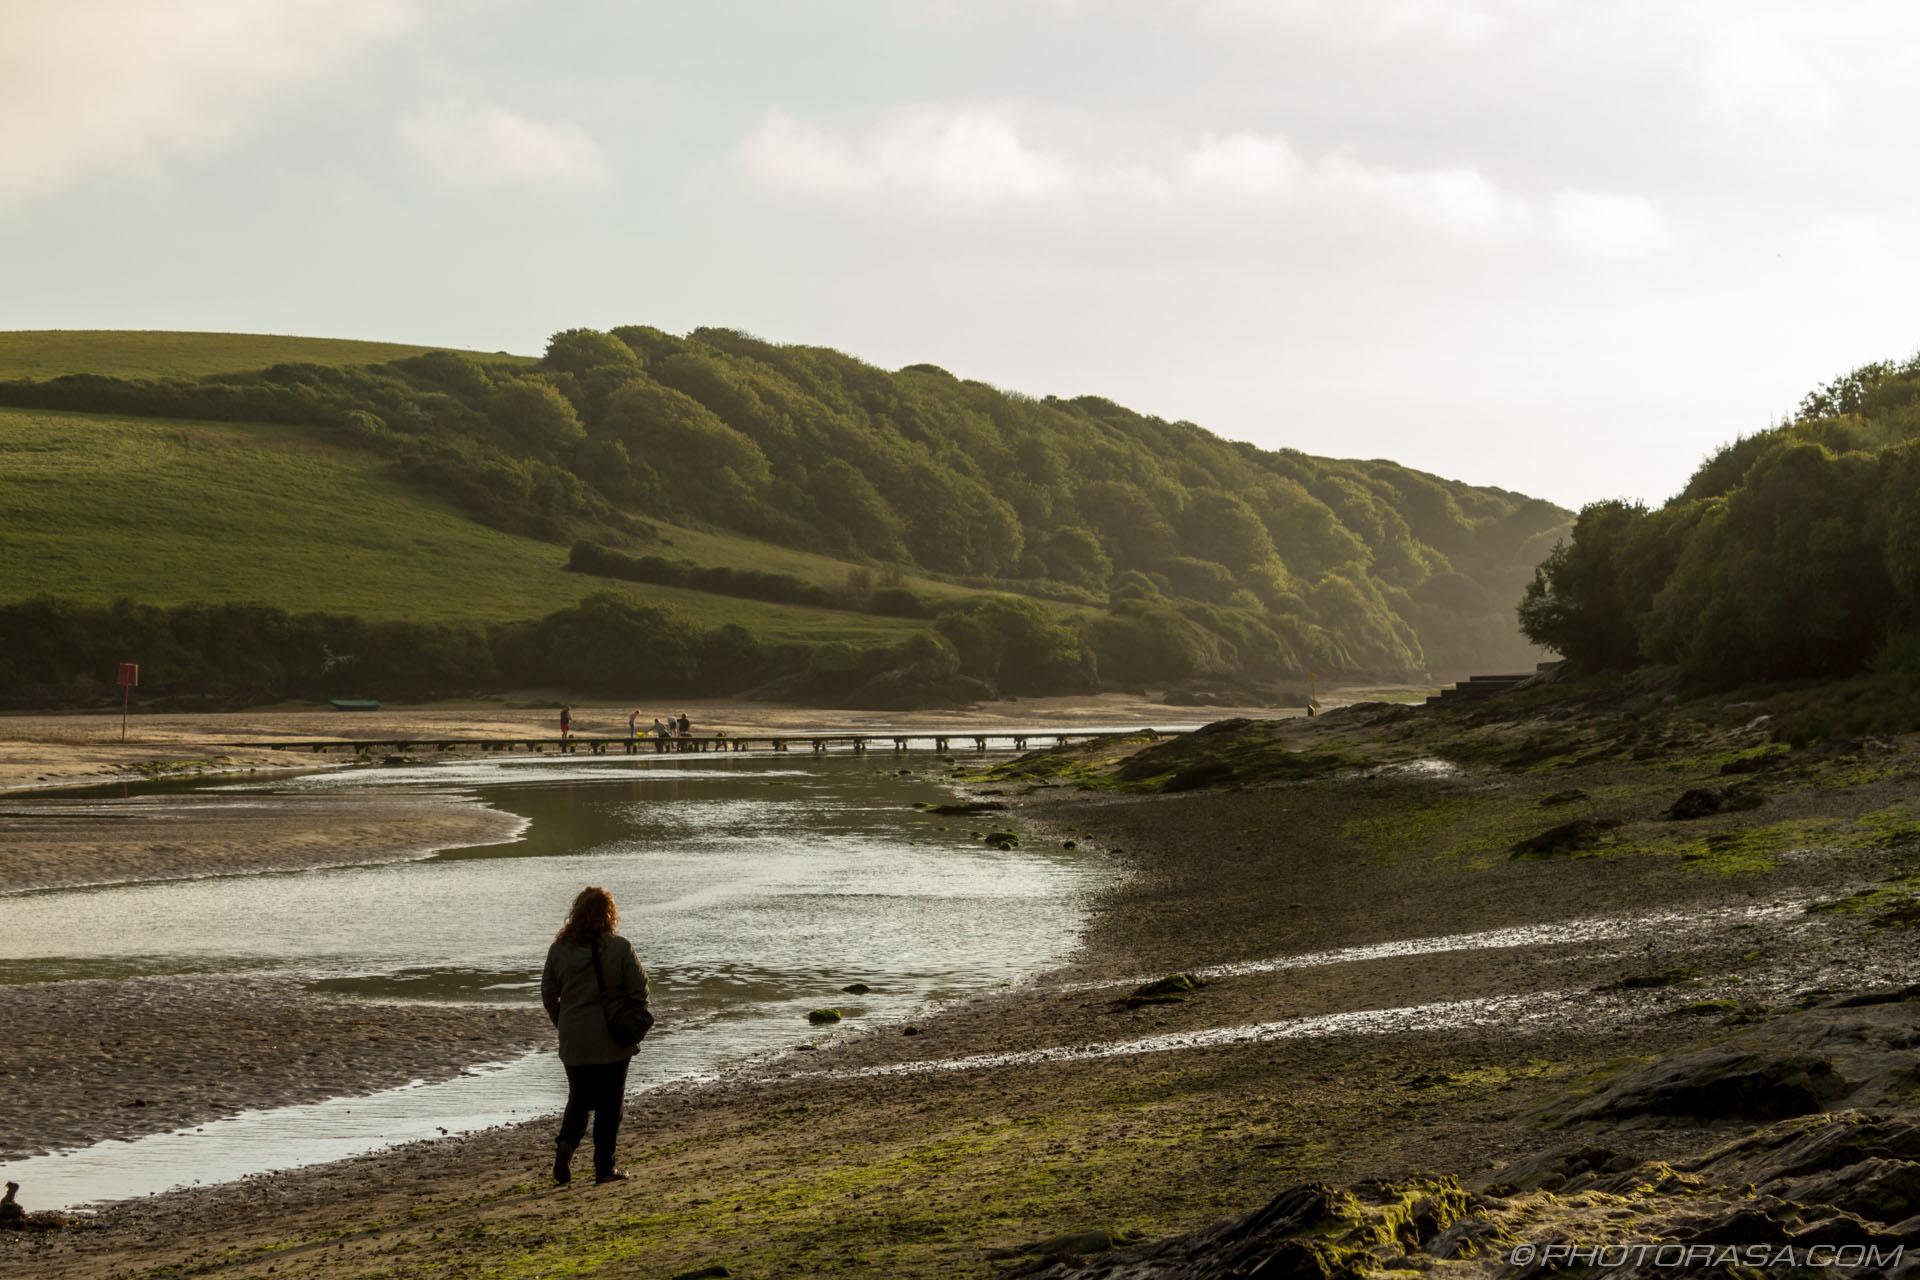 http://photorasa.com/newquay/newquay-estuary/